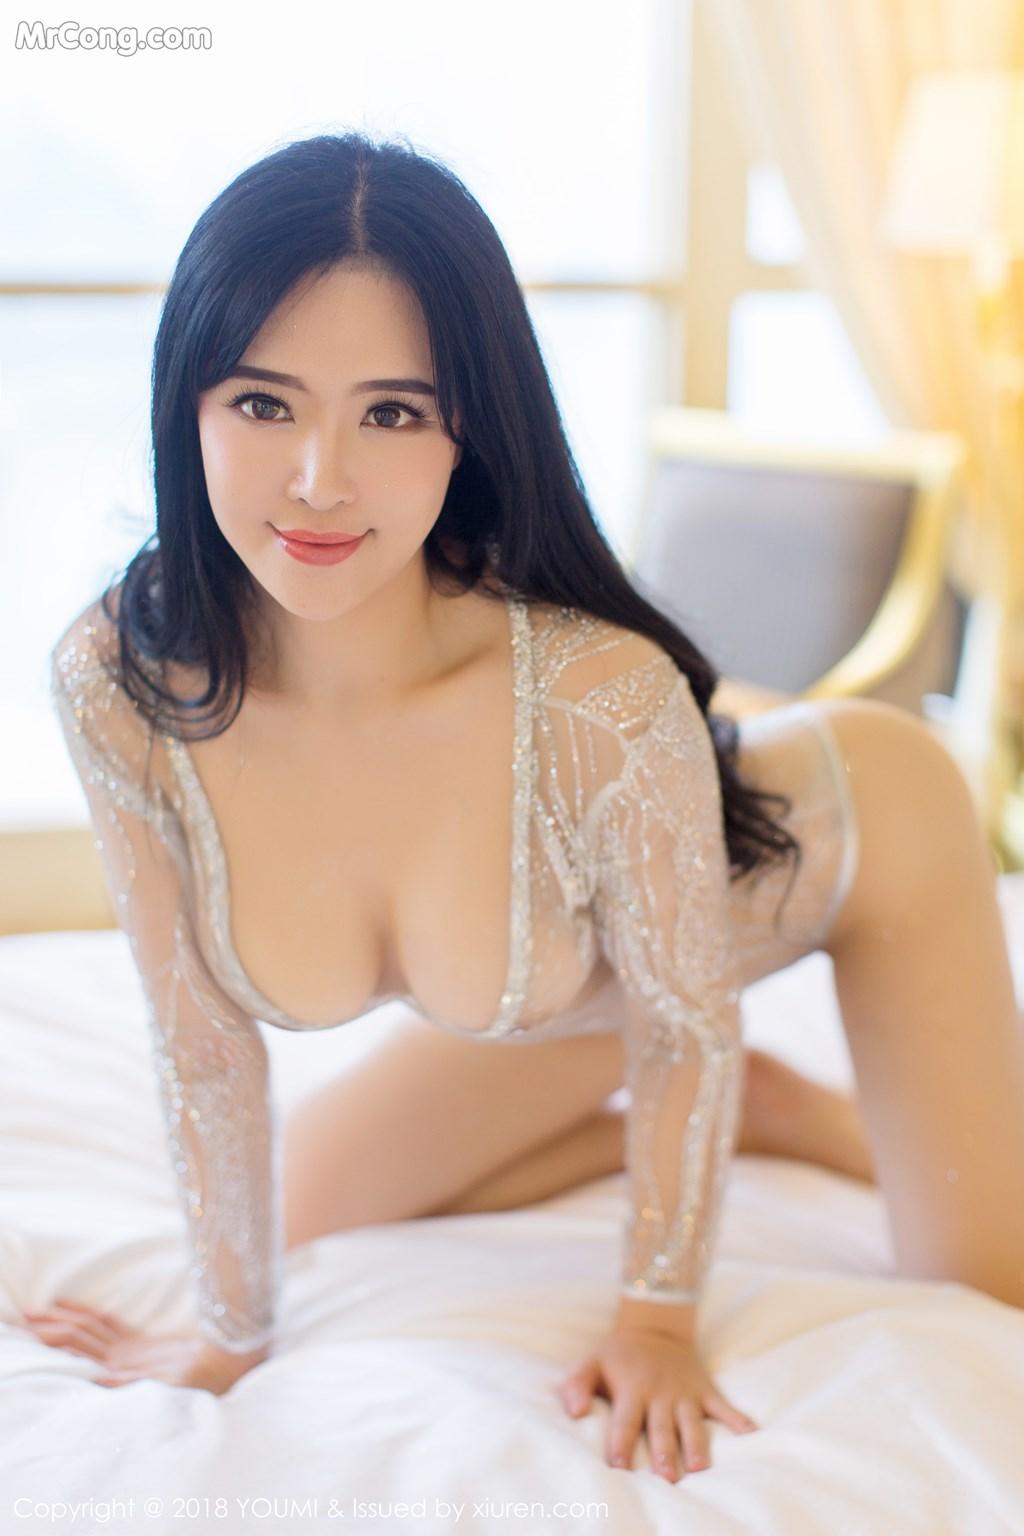 Image YouMi-Vol.124-Liu-Yu-Er-MrCong.com-012 in post YouMi Vol.124: Người mẫu Liu Yu Er (刘钰儿) (41 ảnh)